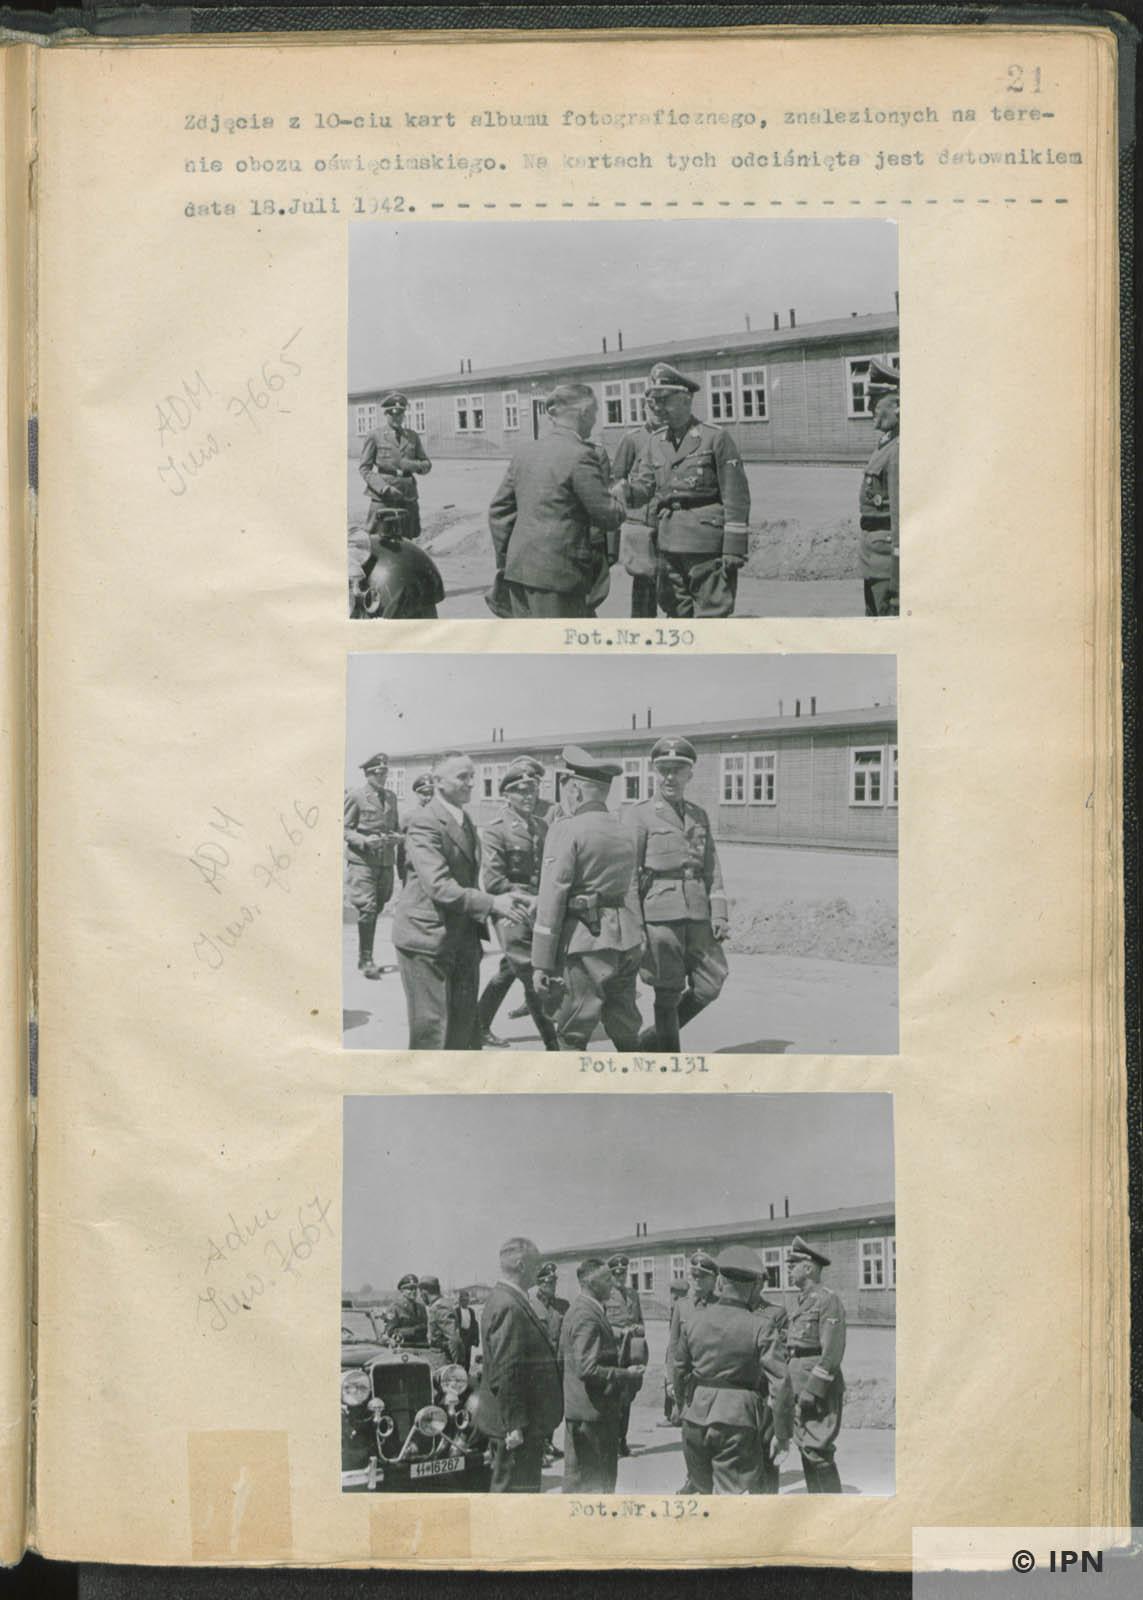 SS Reichsführer Heinrich Himmler visits IG Farben plant at Monowitz. July 17 to 18 1942. IPN GK 196 97 0026